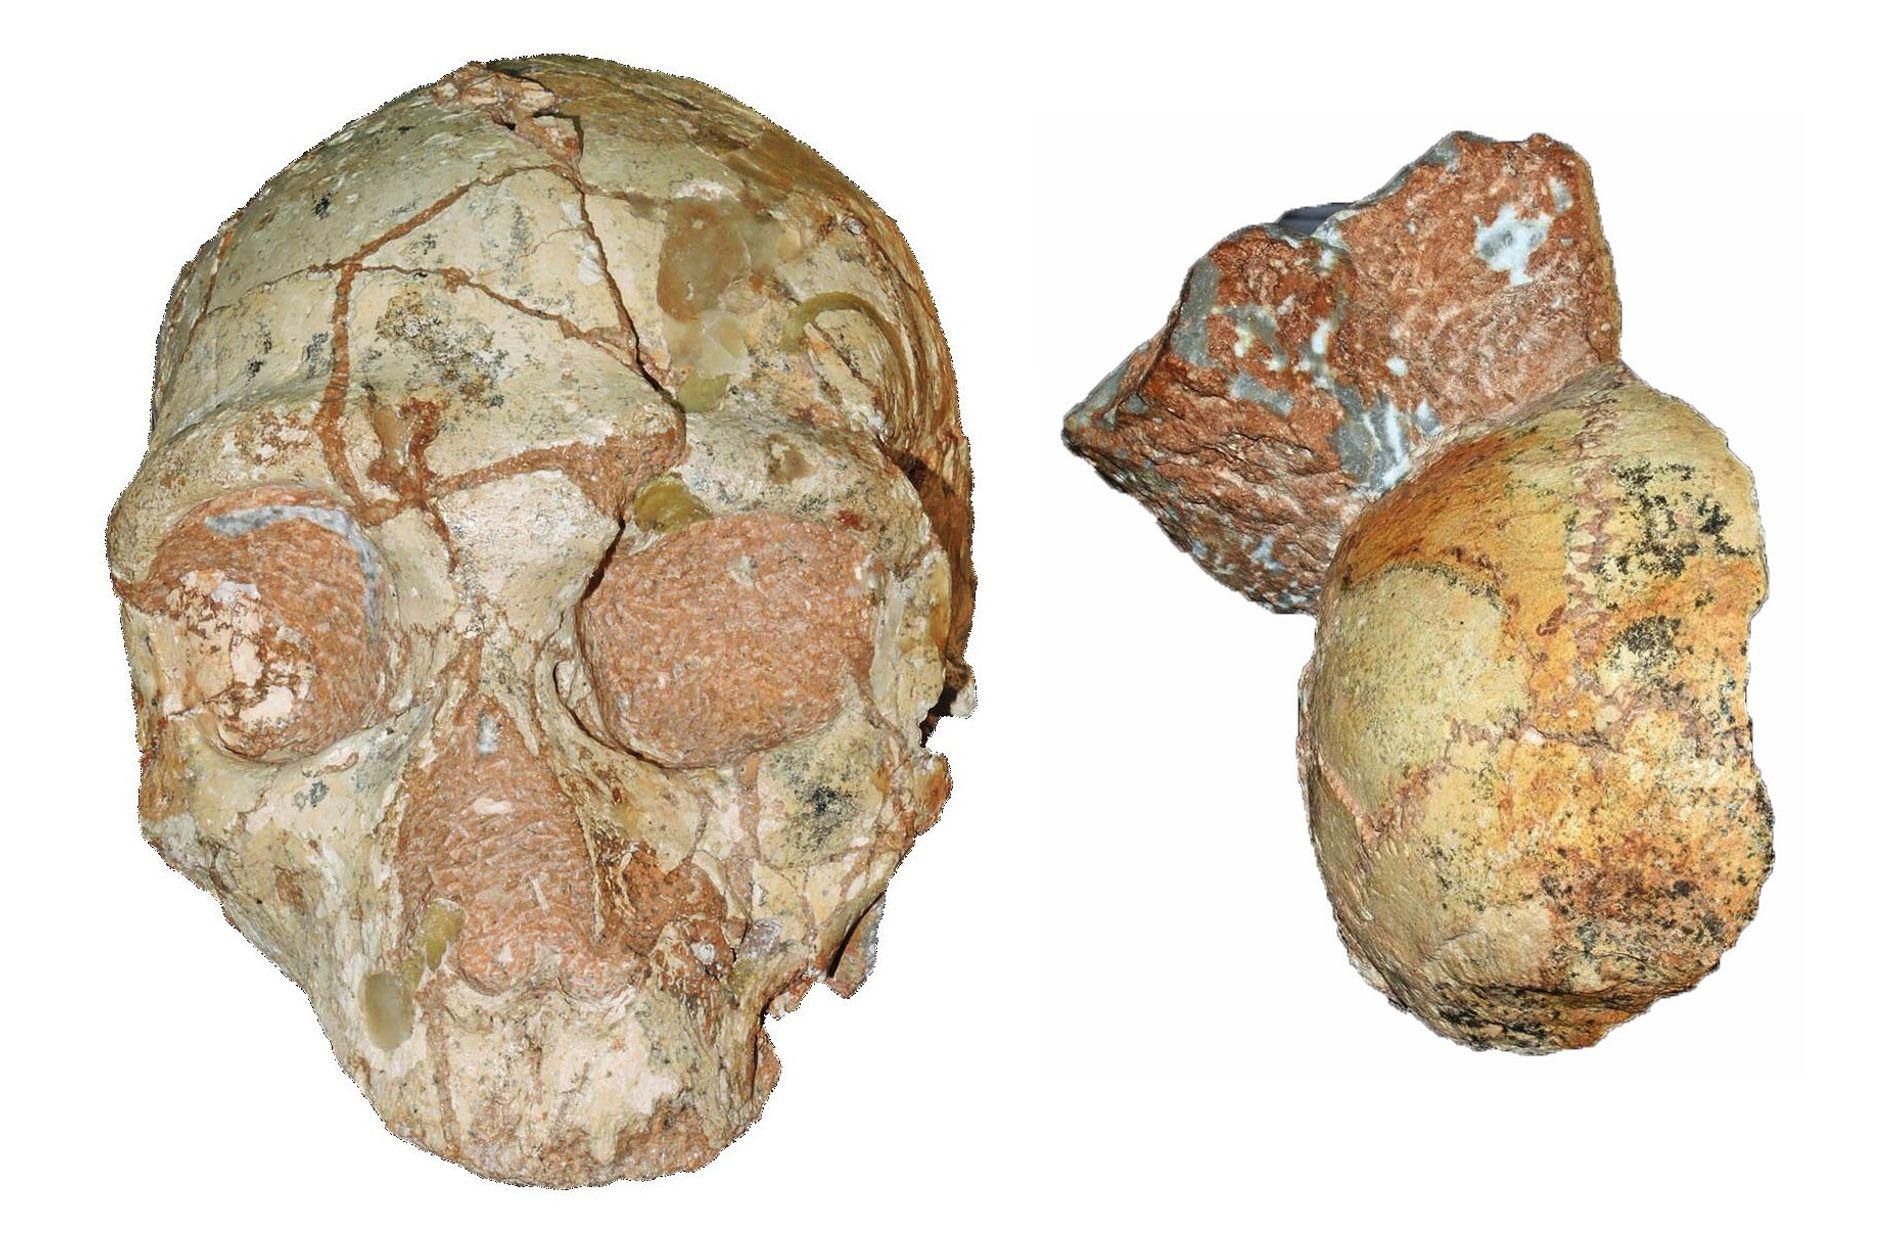 Ces fossiles fragmentés découverts à quelques centimètres l'un de l'autre pourraient être les crânes de deux ...